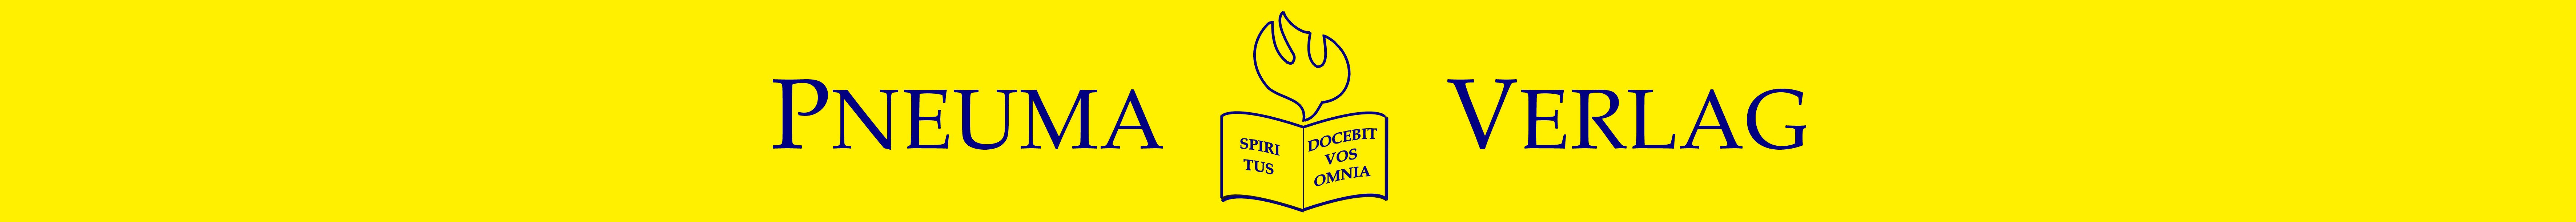 Pneuma Verlag